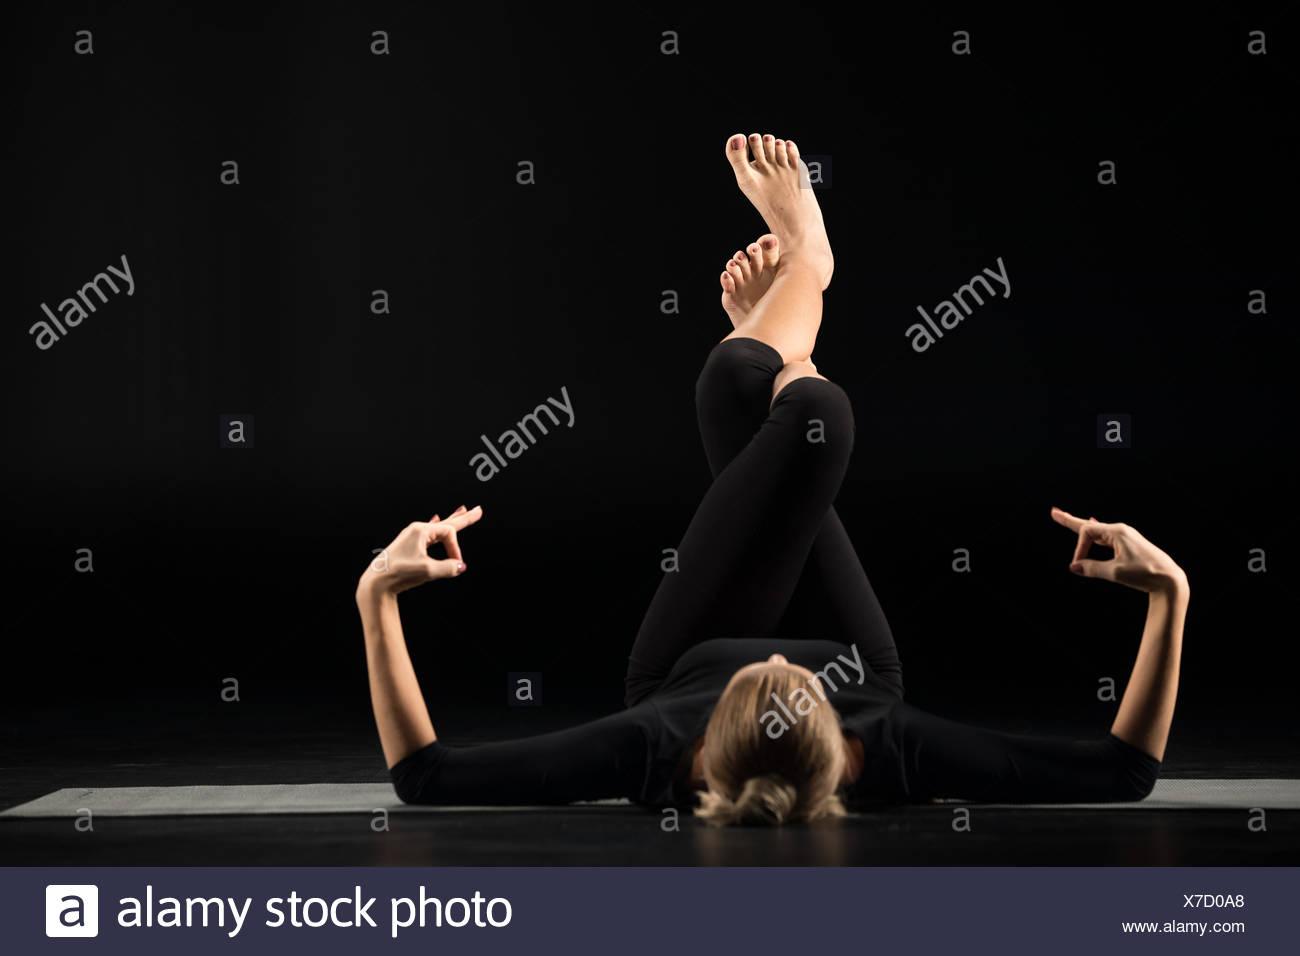 Woman lying and meditating - Stock Image